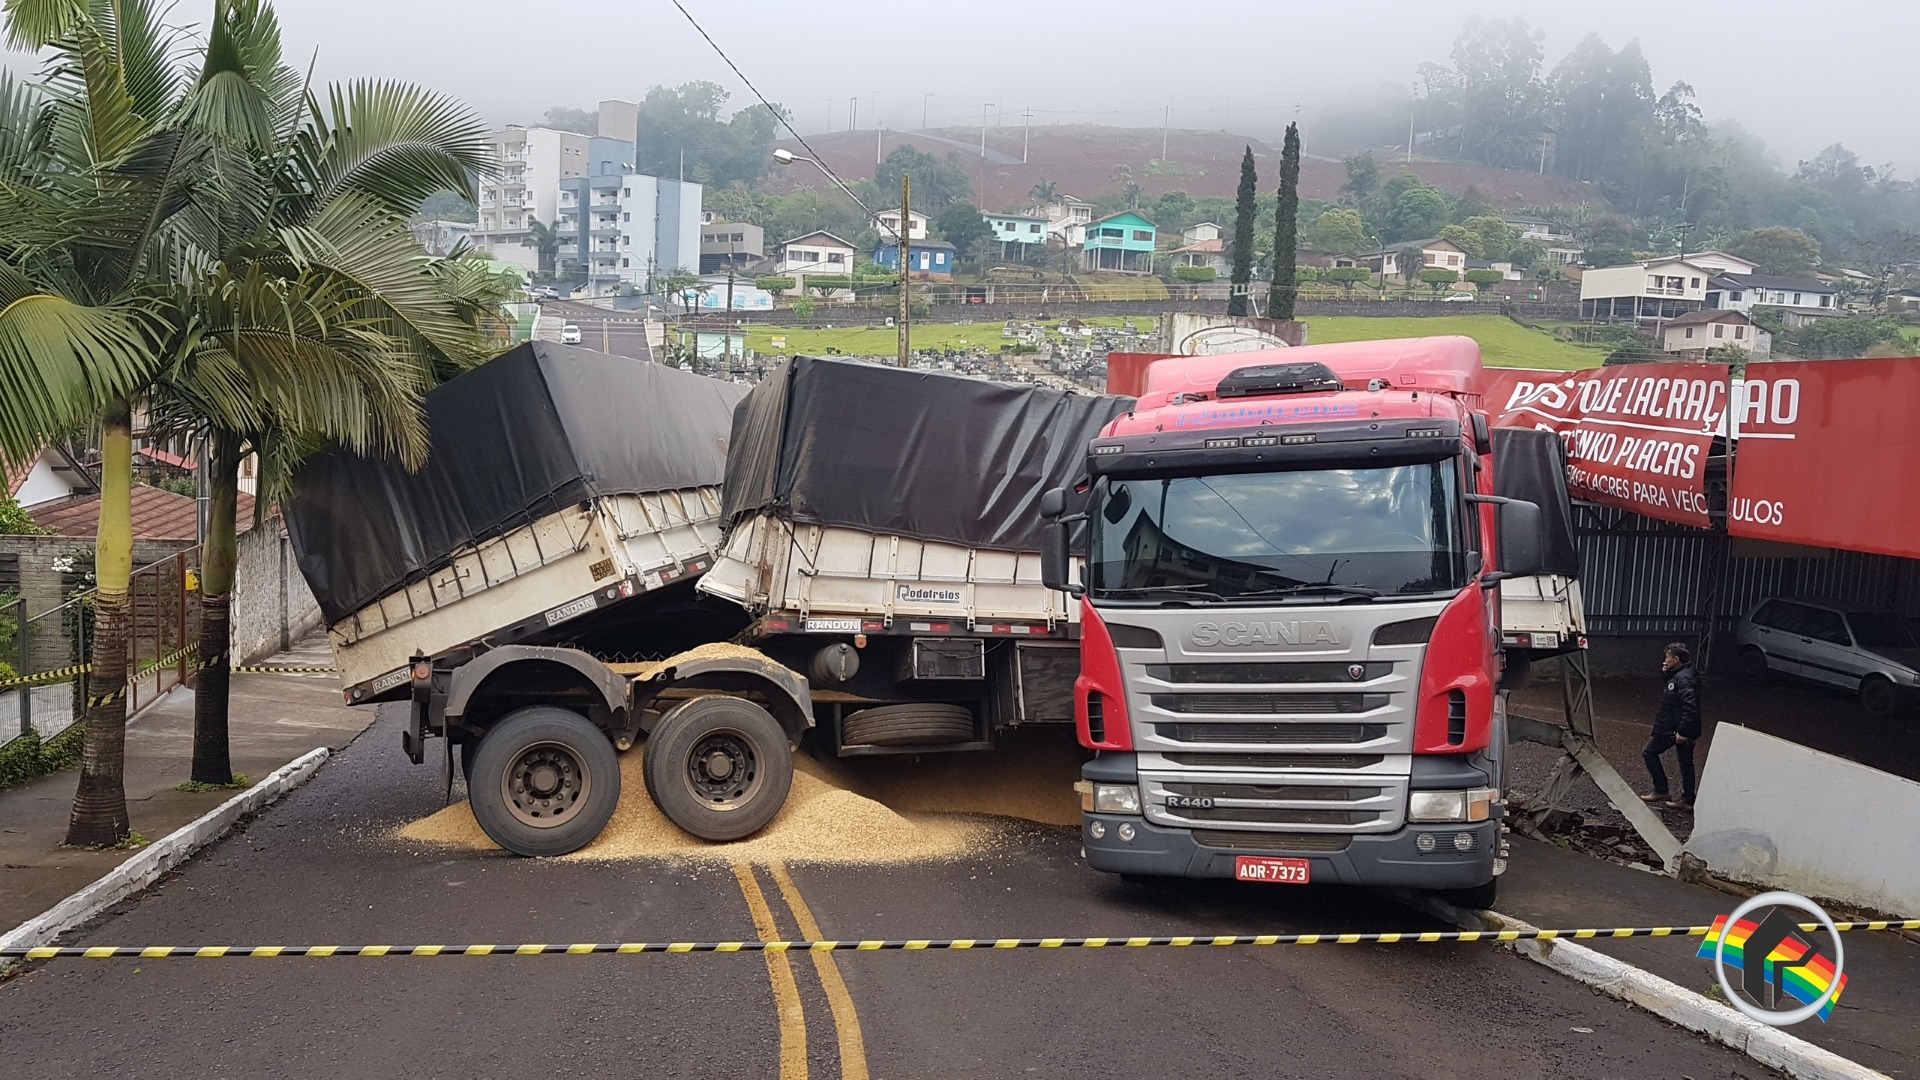 Vídeo - GPS faz caminhoneiro errar o caminho e causa acidente